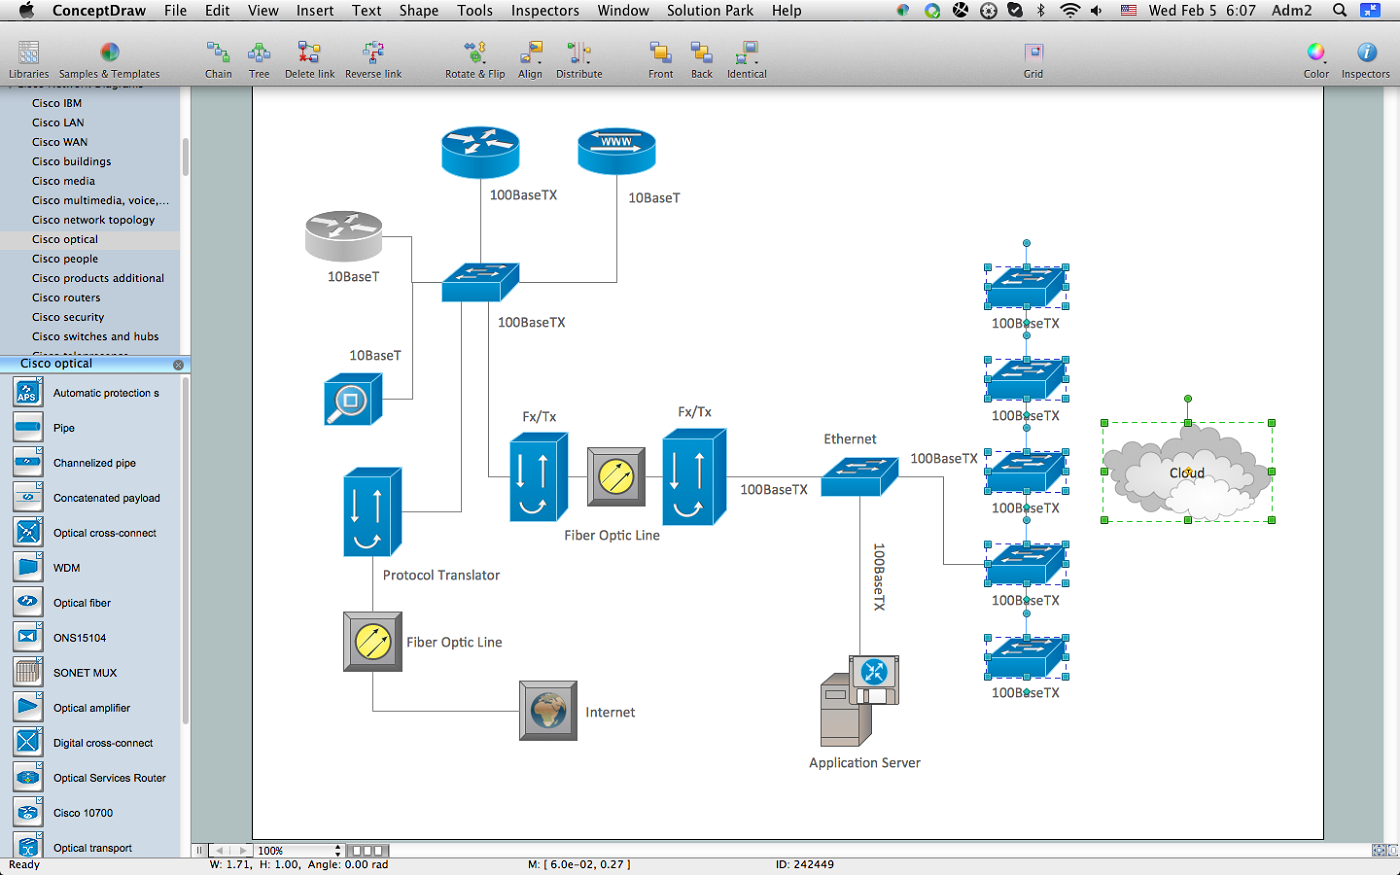 Visio Cloud Diagram